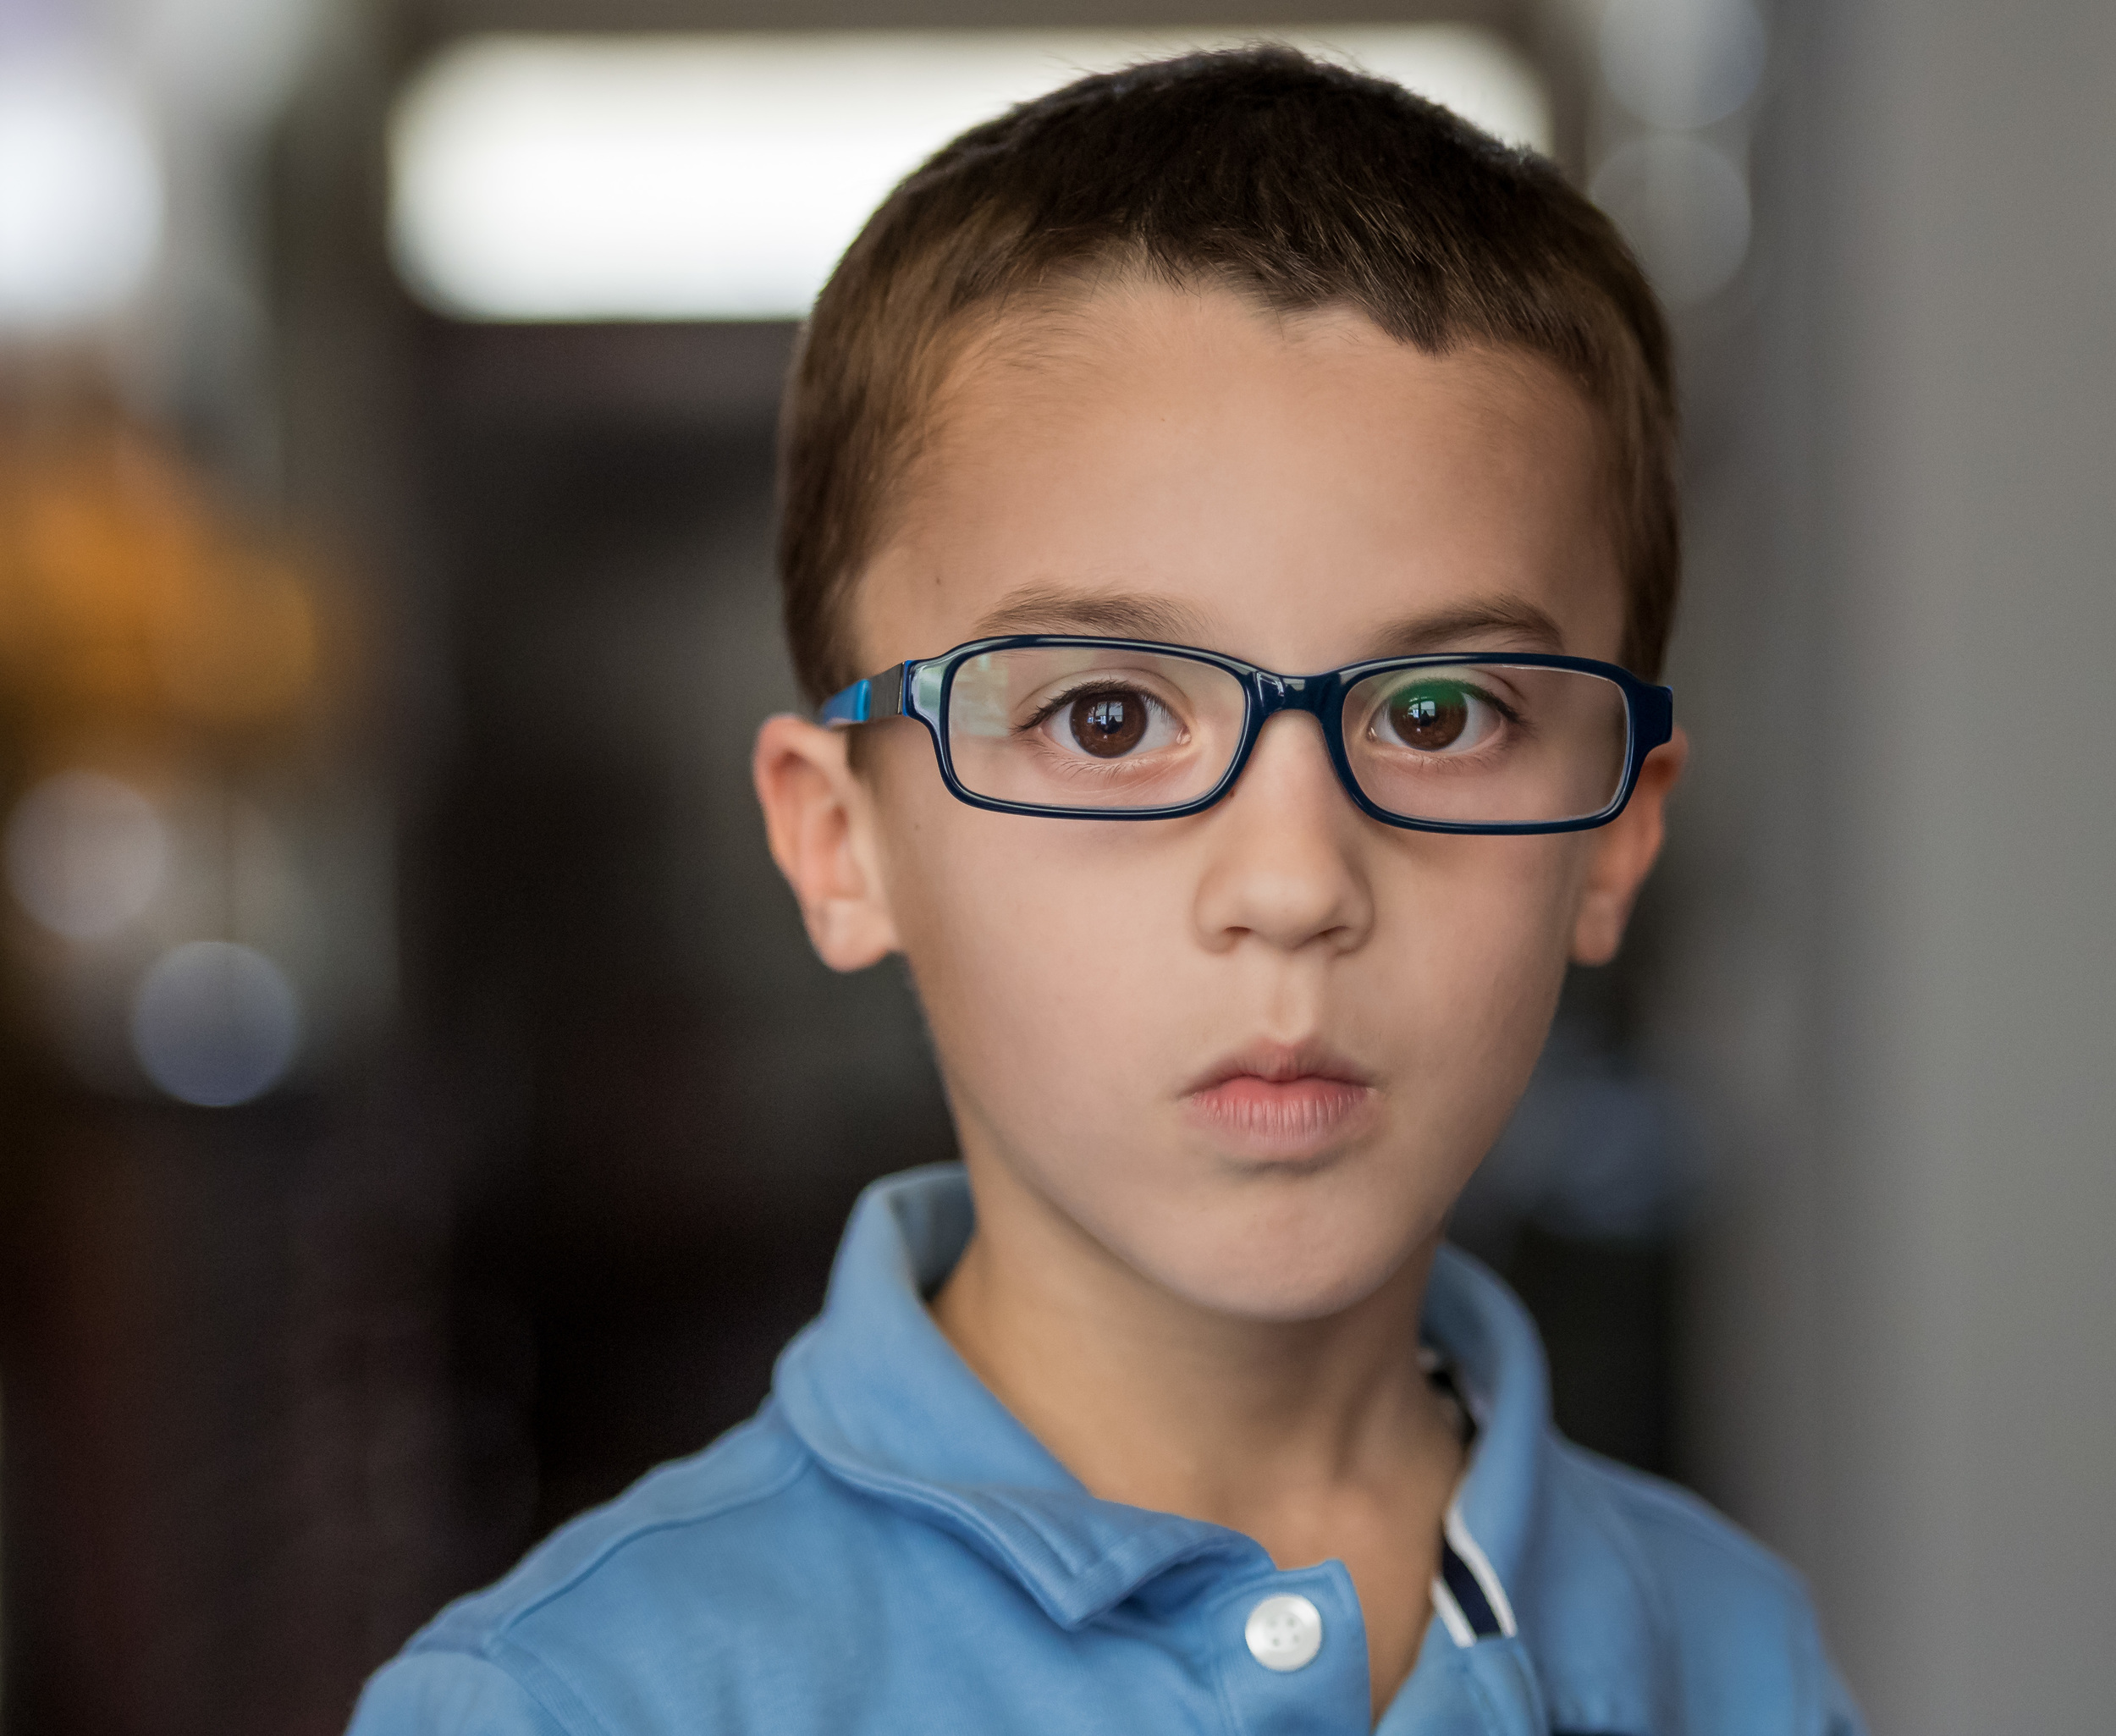 He got glasses!